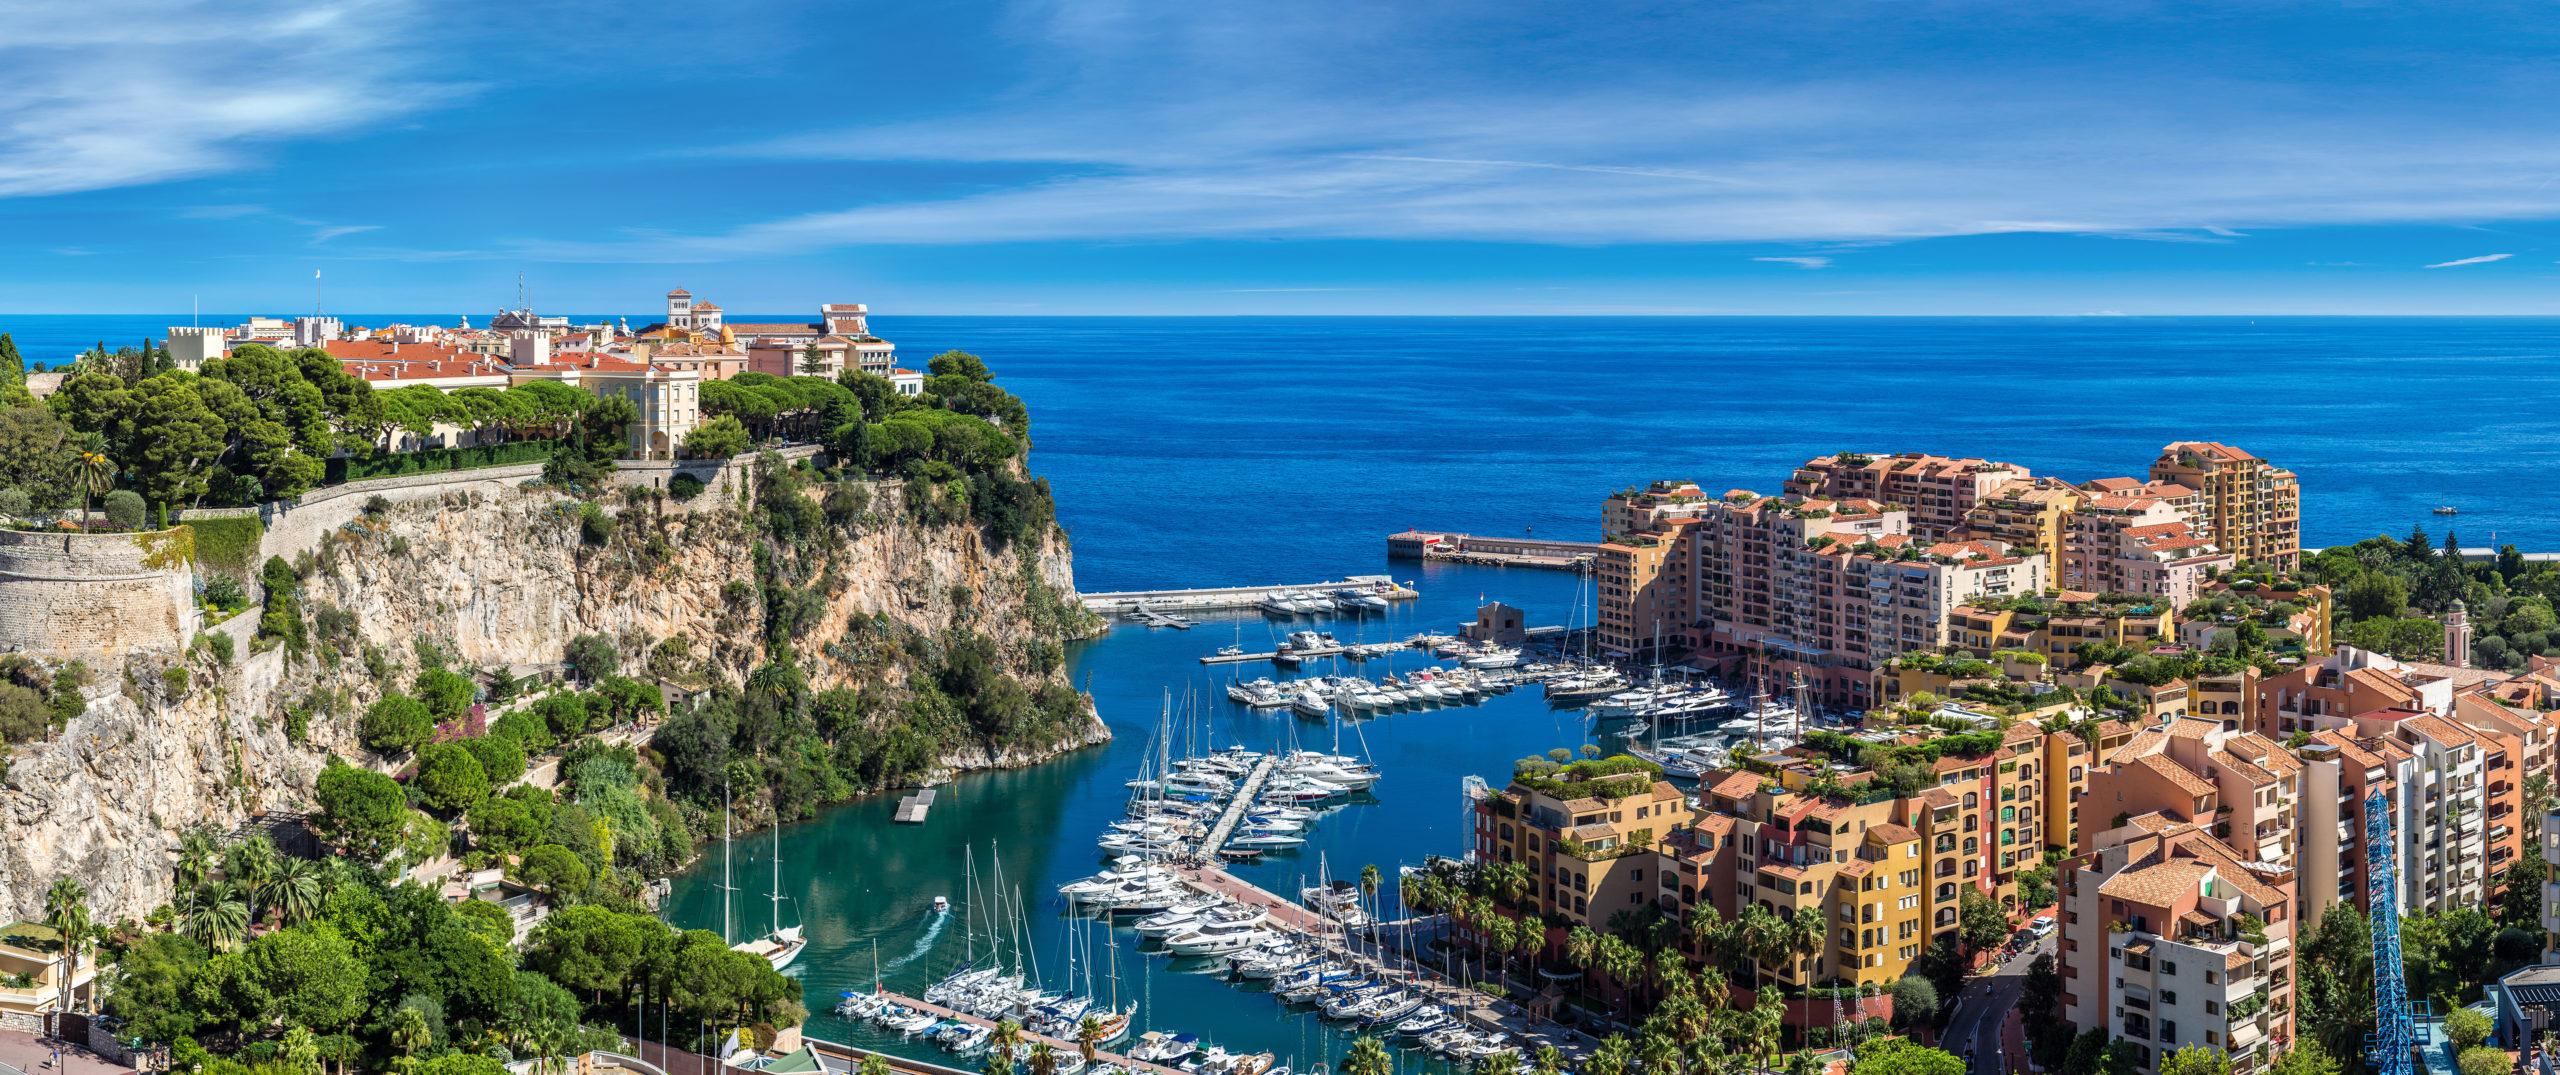 Monaco [Shutterstock]